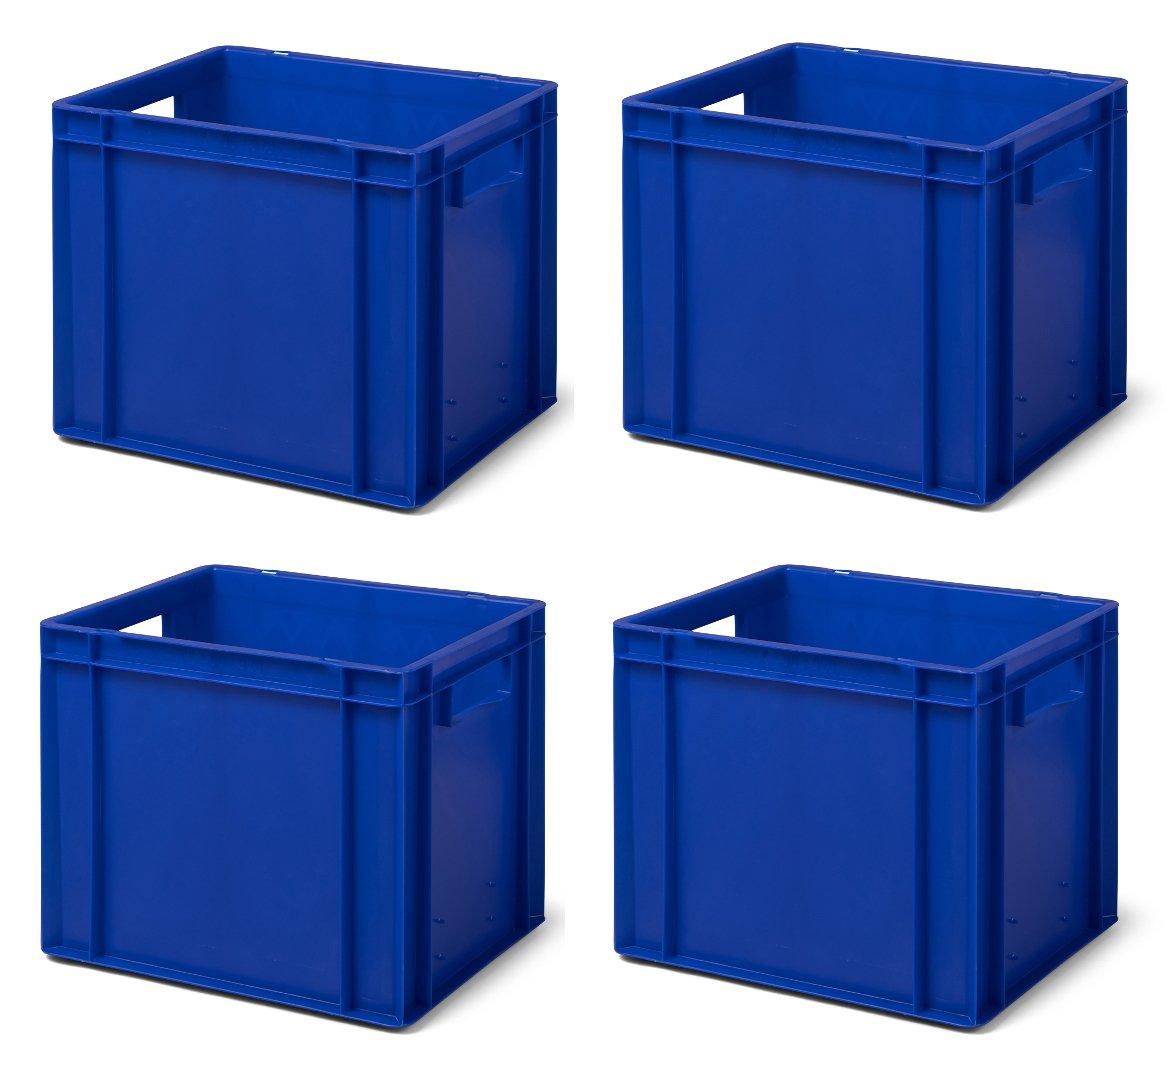 4 Stk. Transport-Stapelkasten TK432-0, blau, 400x300x320 mm (LxBxH), aus PP, Volumen: 29 Liter, Traglast: 45 kg, lebensmittelecht, made in Germany, Industriequalität